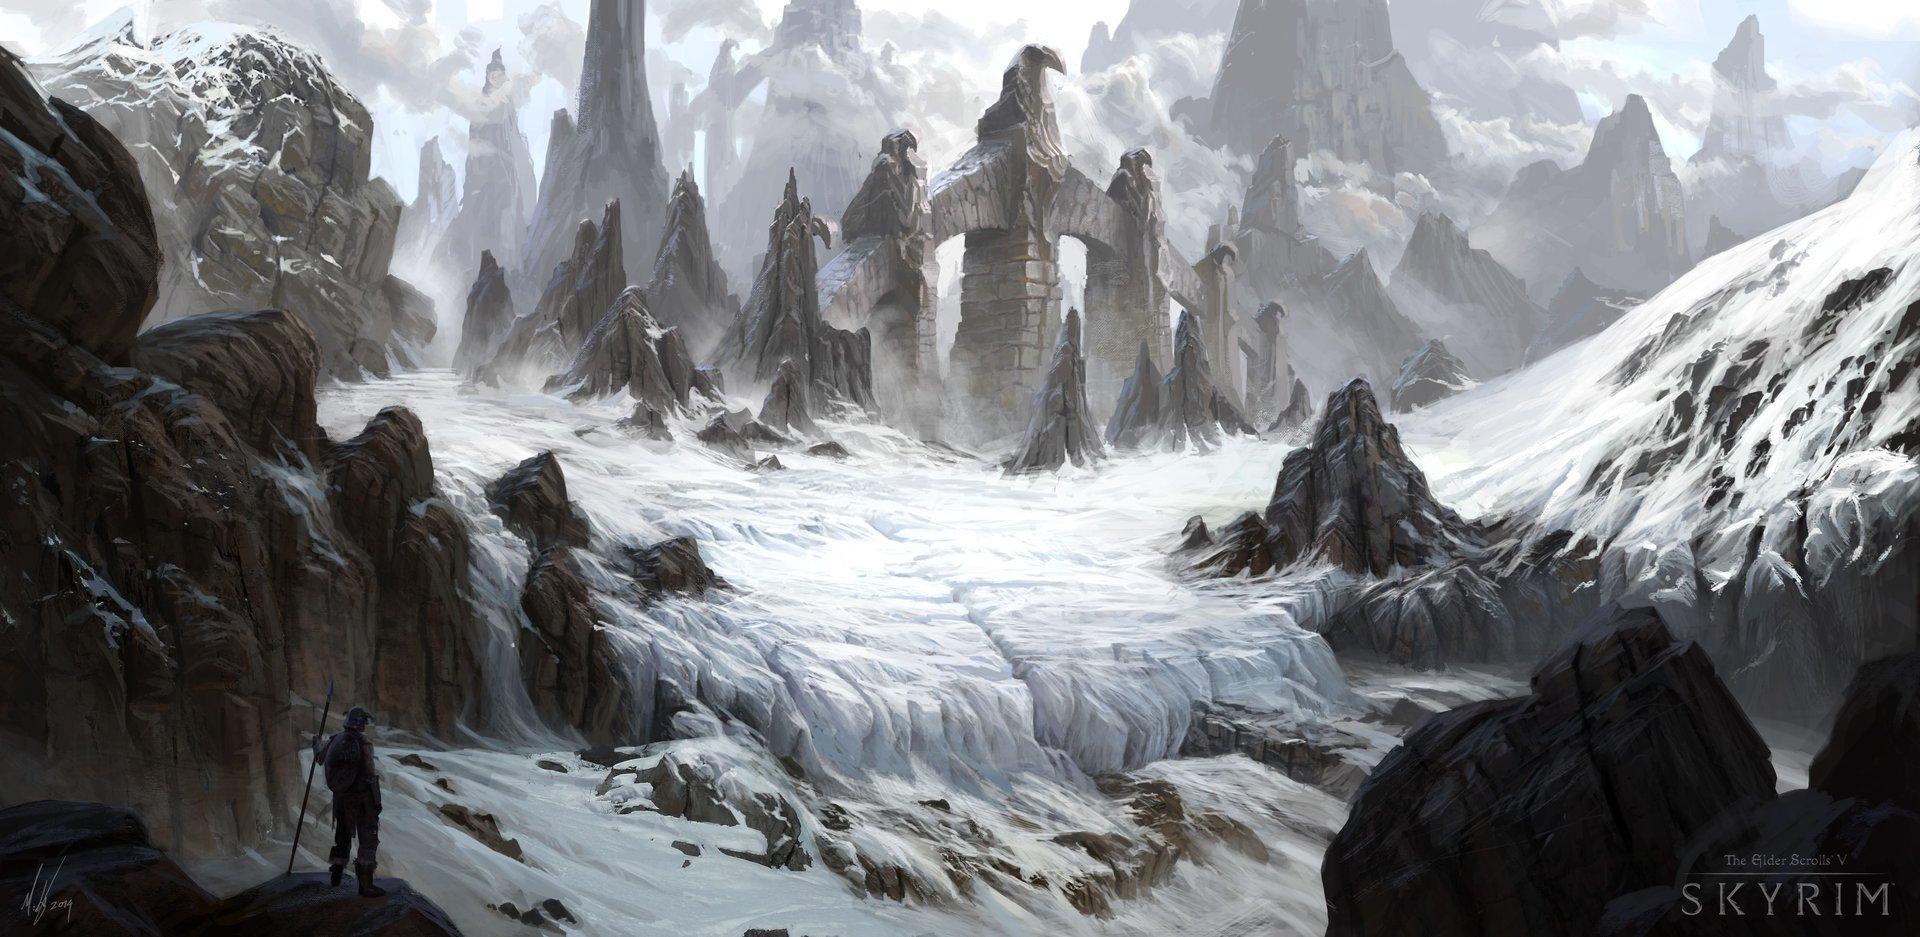 Skyrim hidden peak barrow